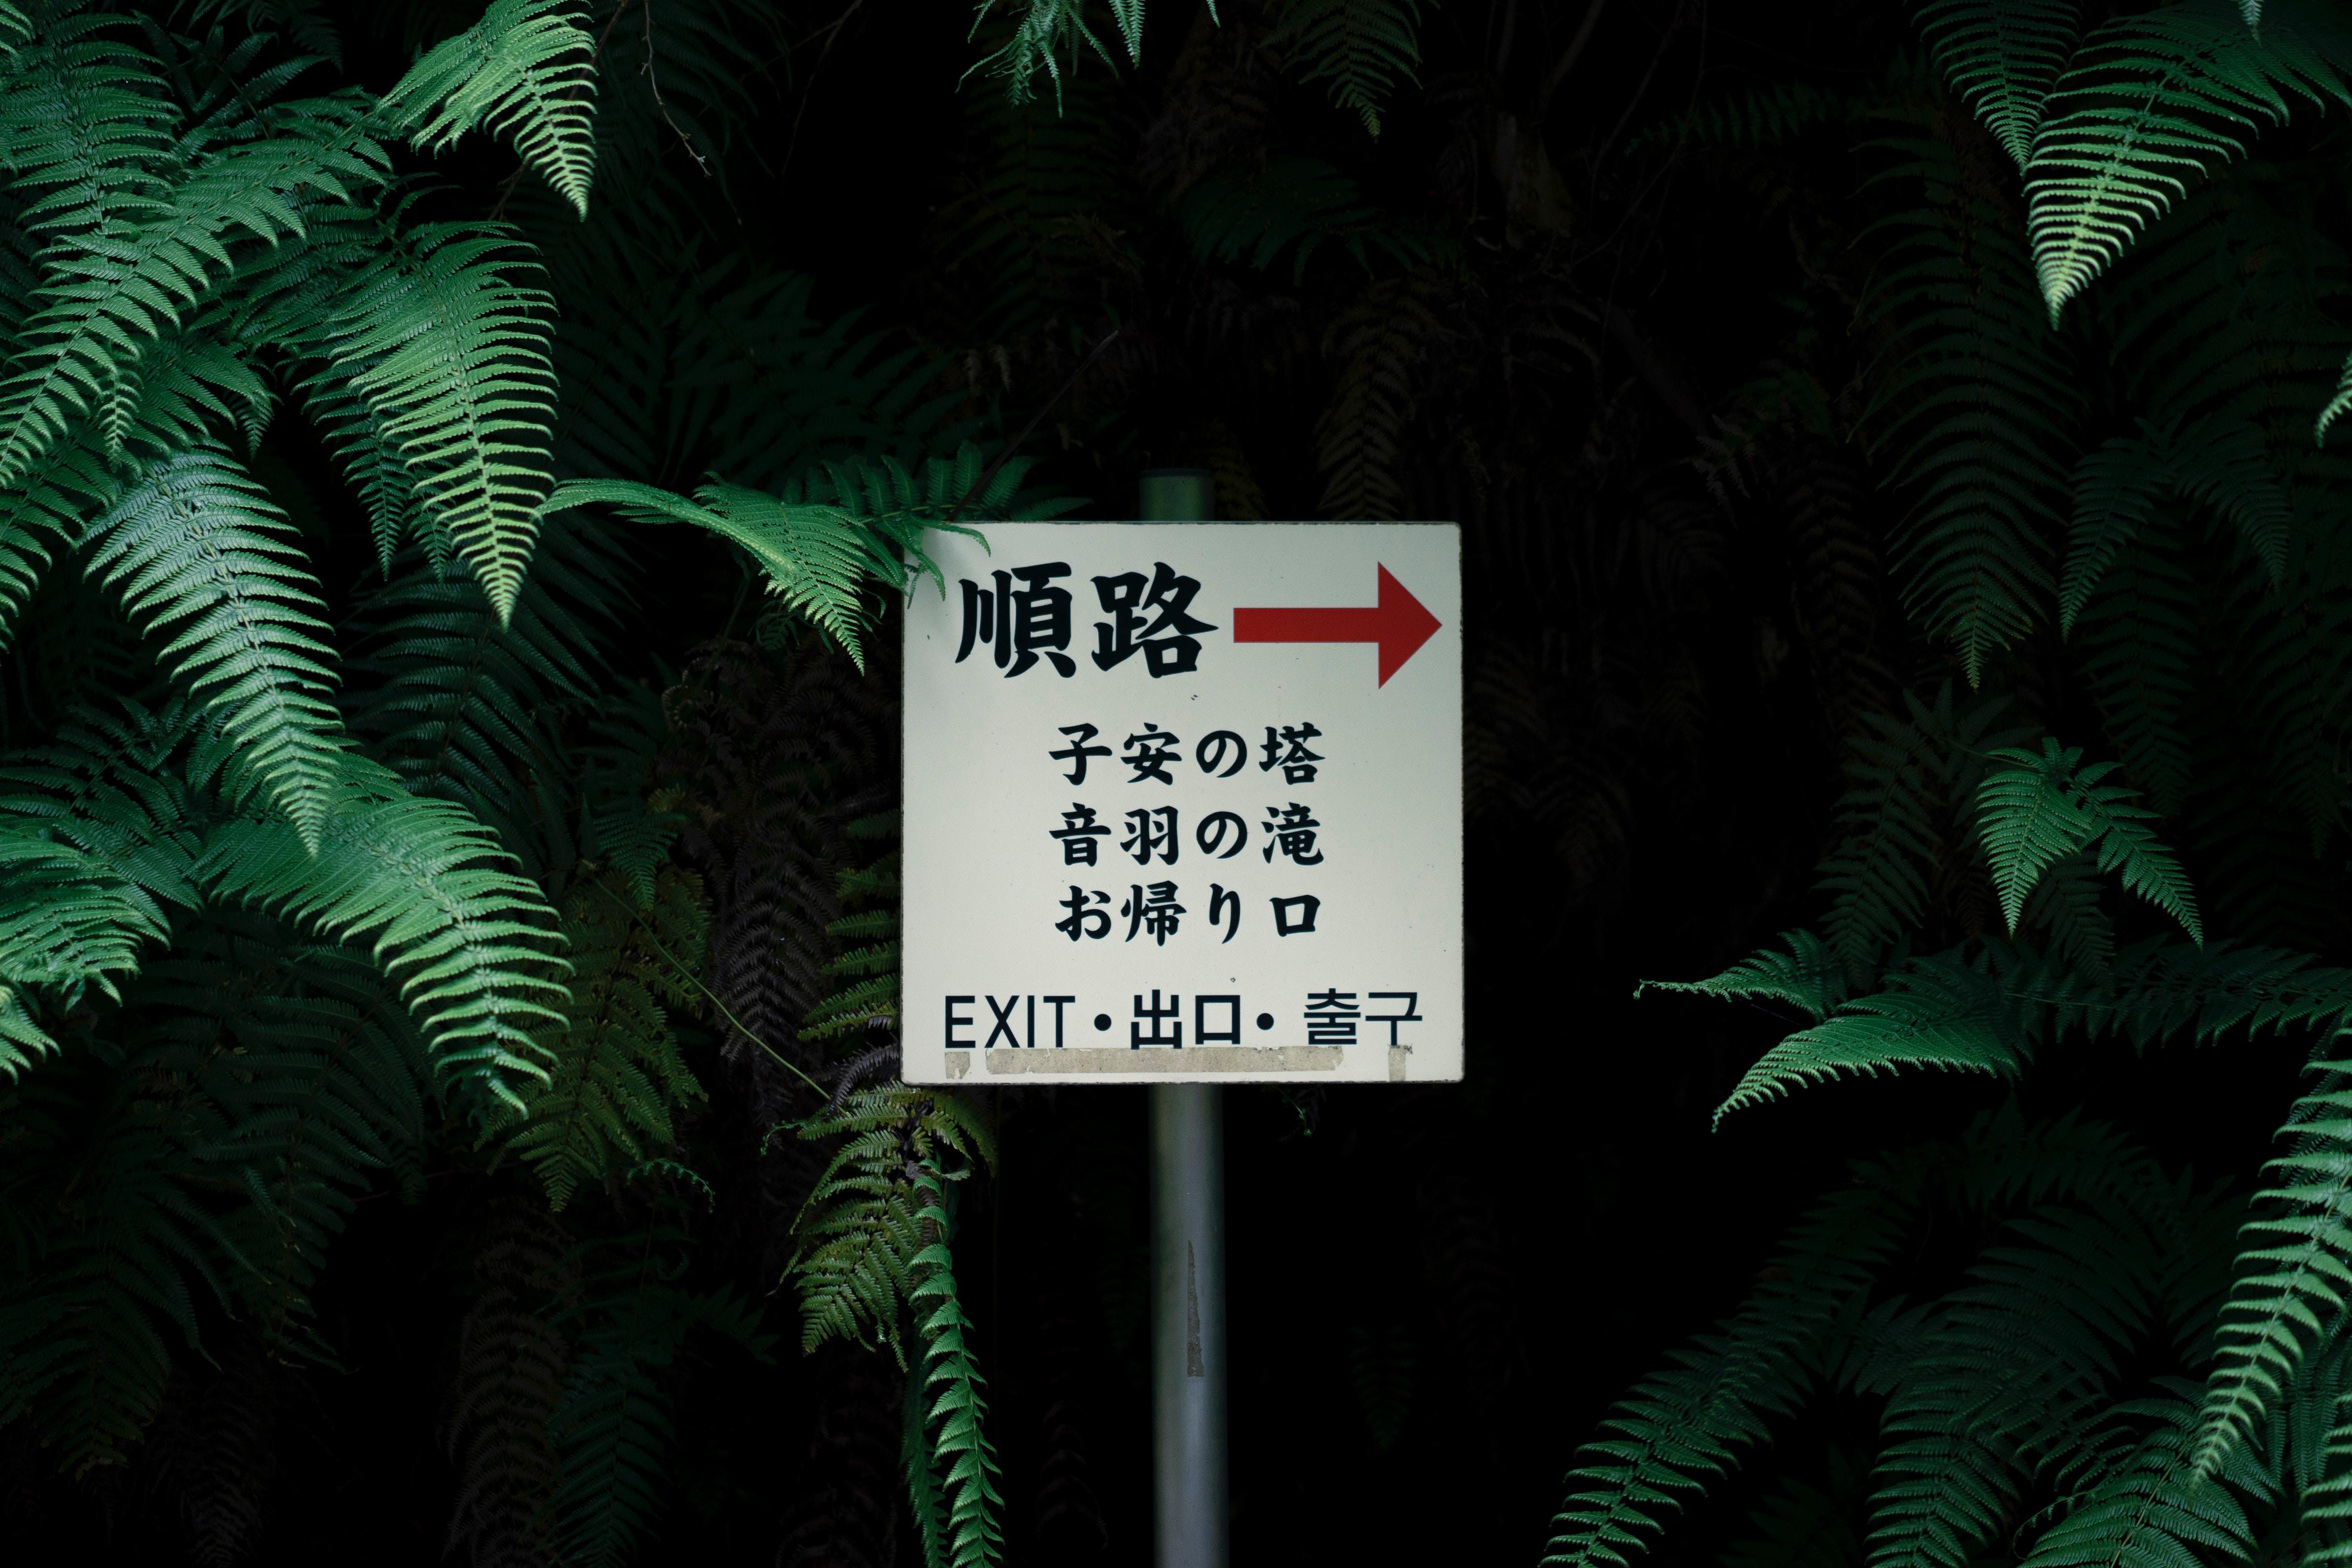 A hidden Japanese sign